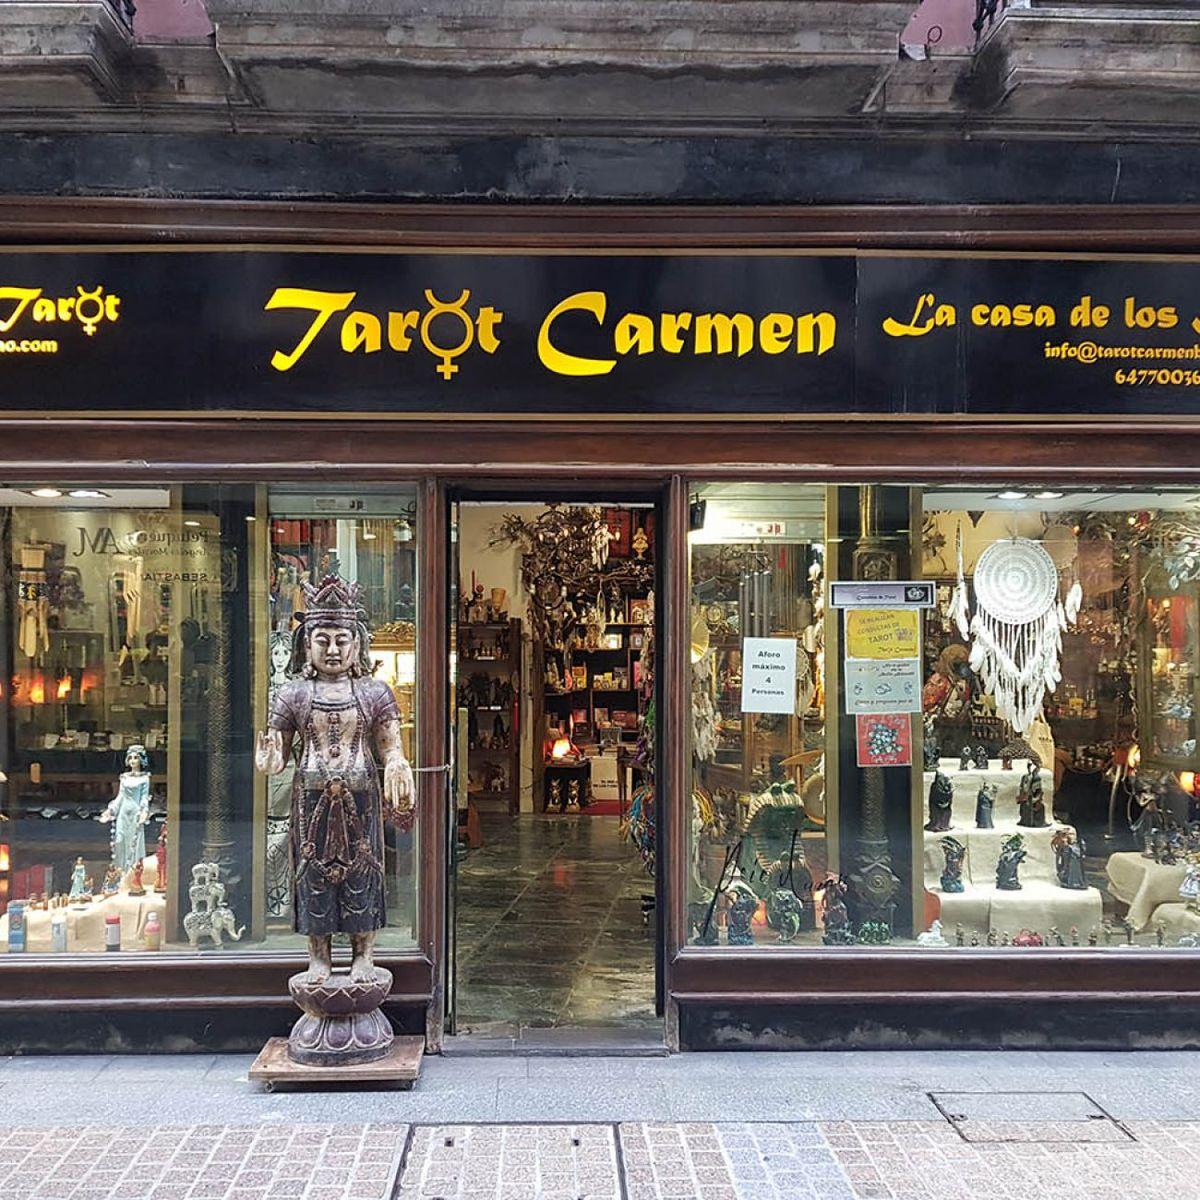 TAROT CARMEN